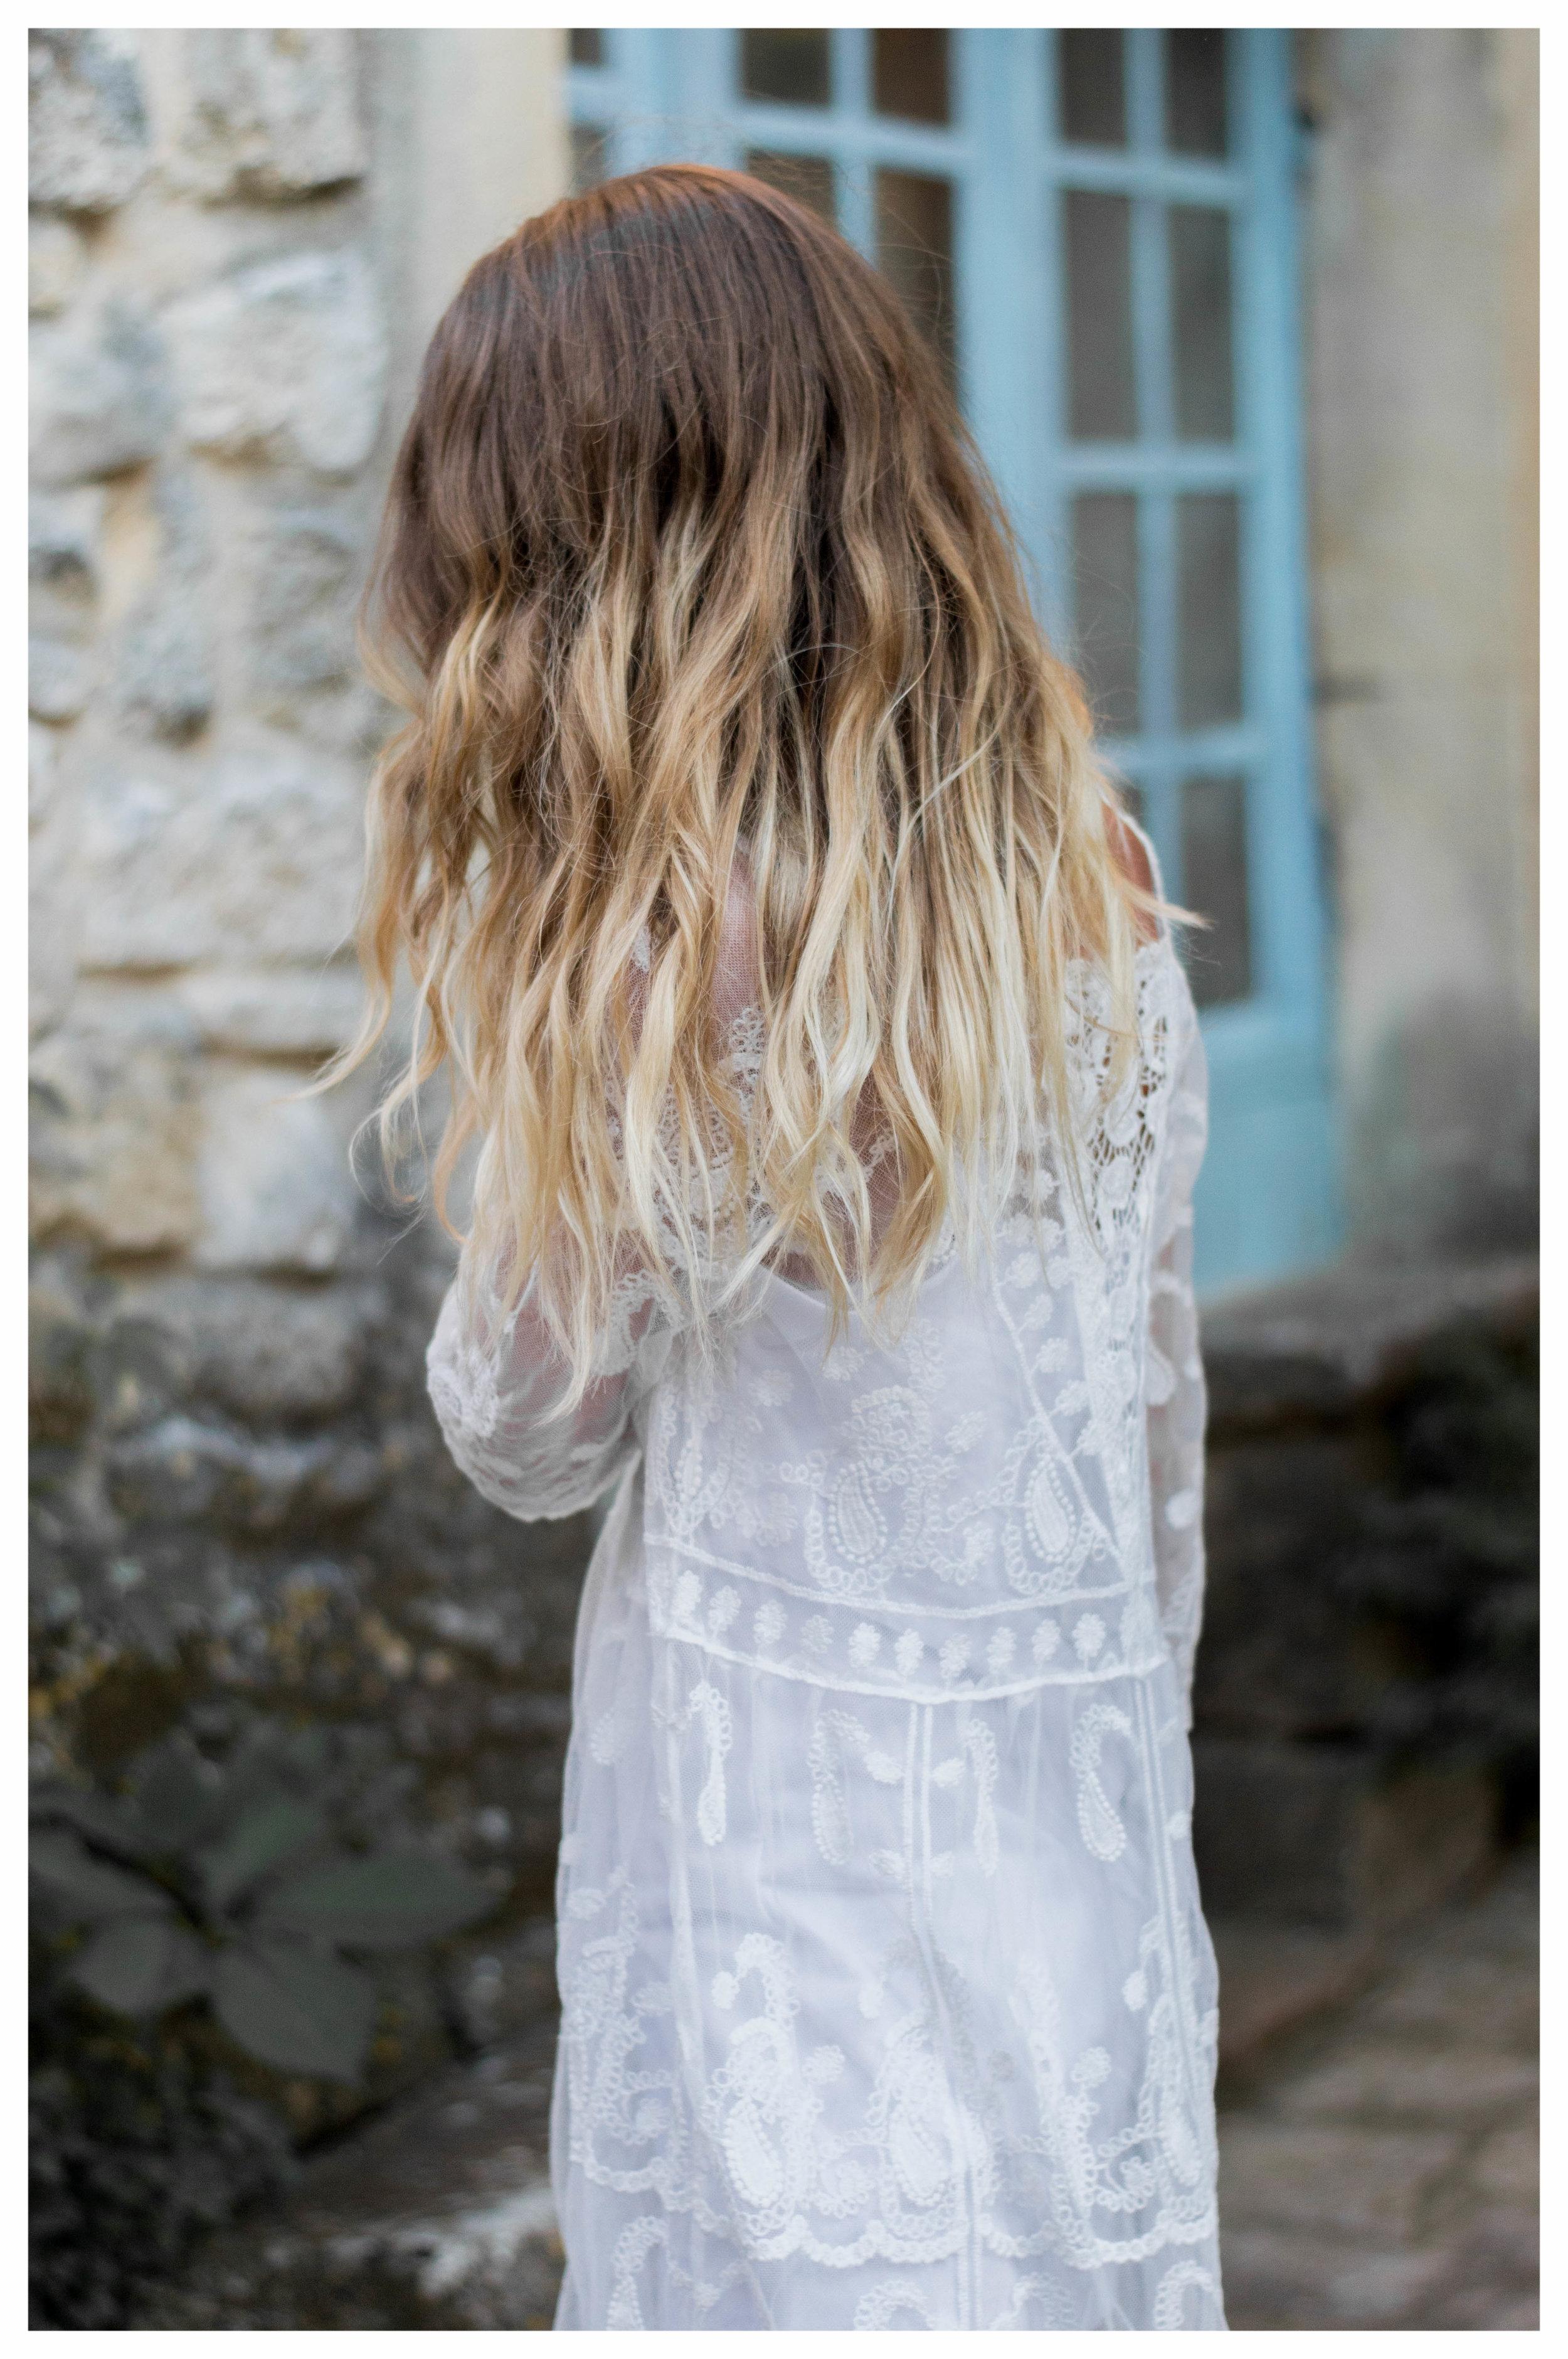 Cornillon White Dress June - OSIARAH.COM (4 of 27).jpg